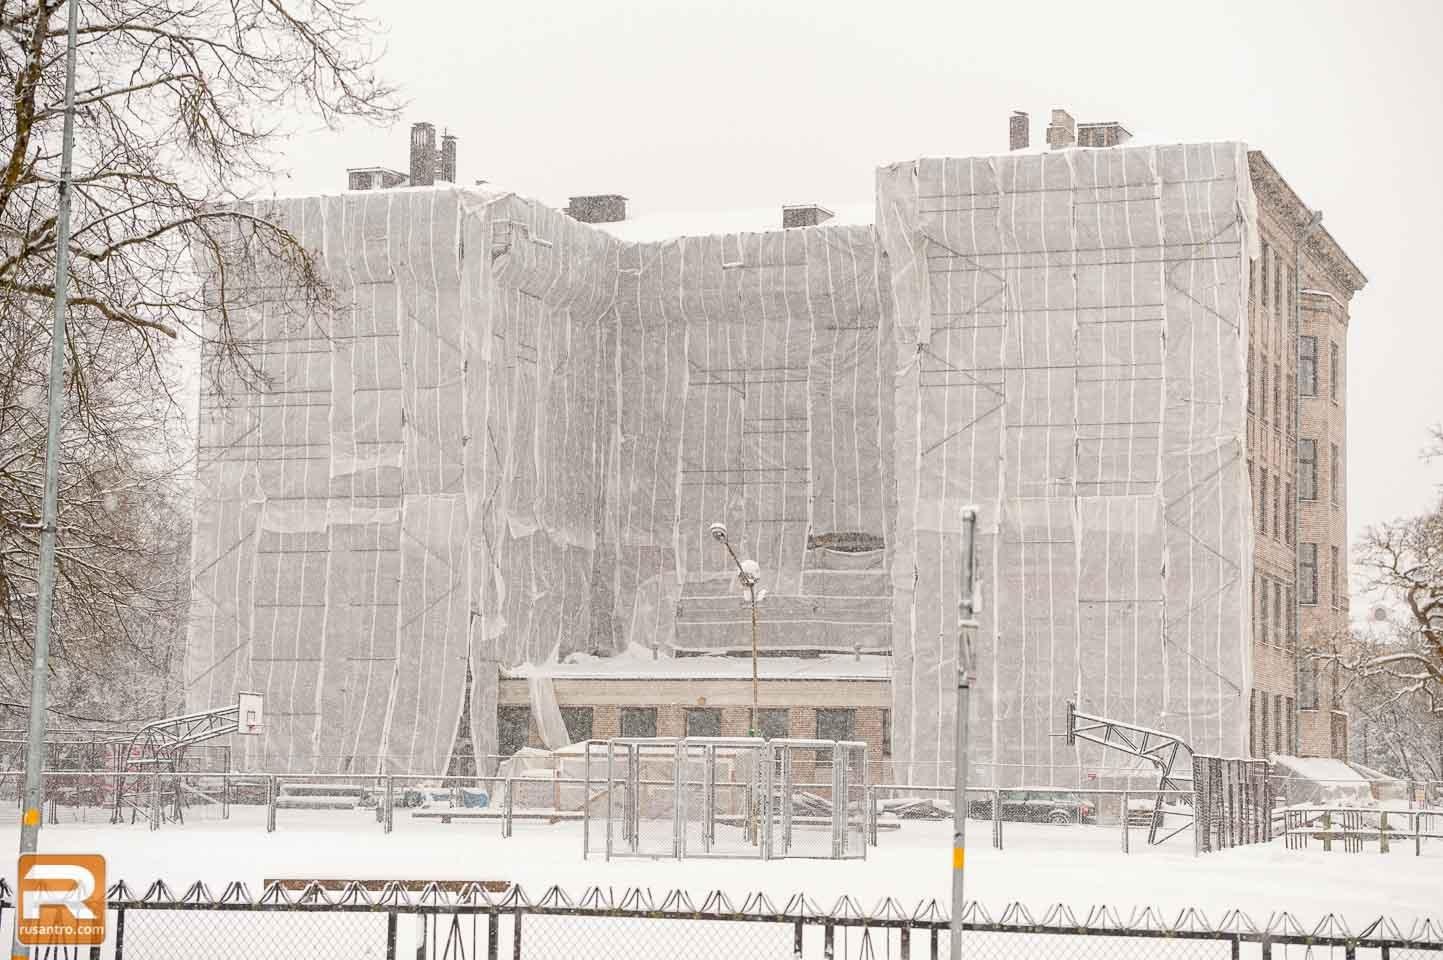 Ēka pārklāta ar baltās krāsas materiālu